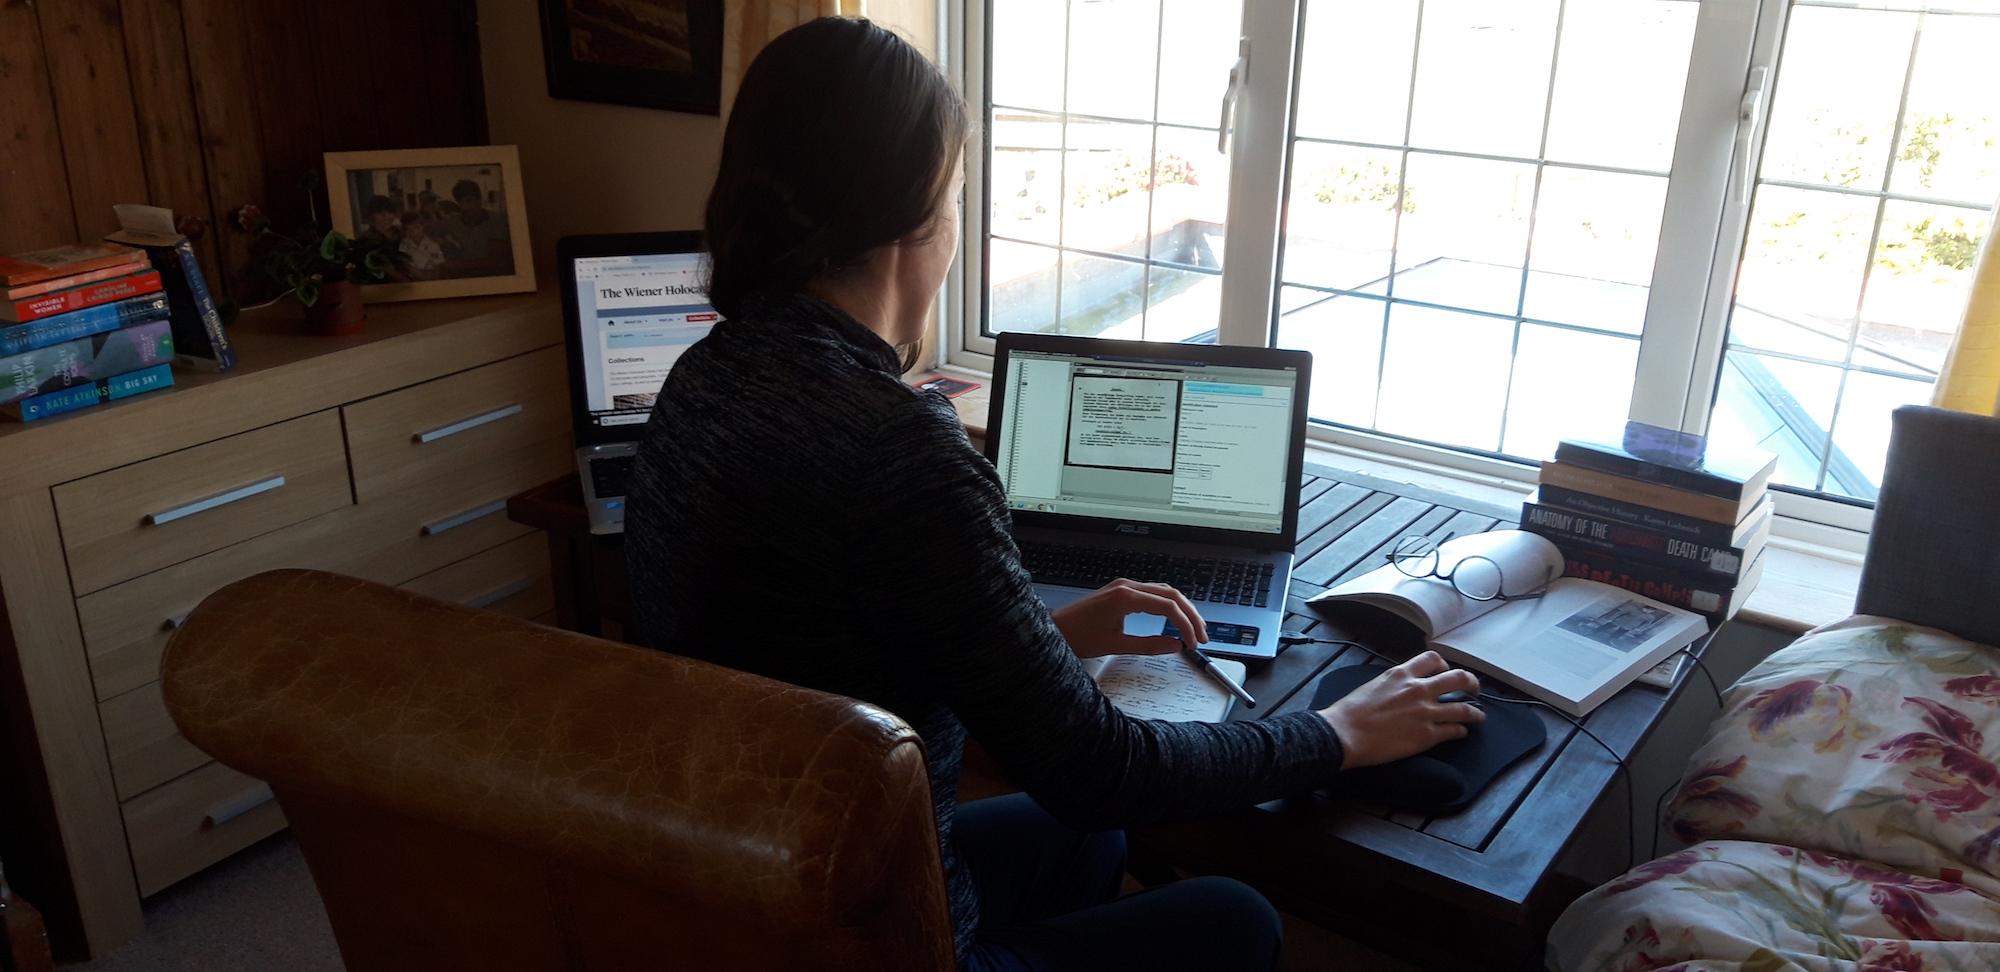 ITS Archive Researcher Elise Bath sits at a desk